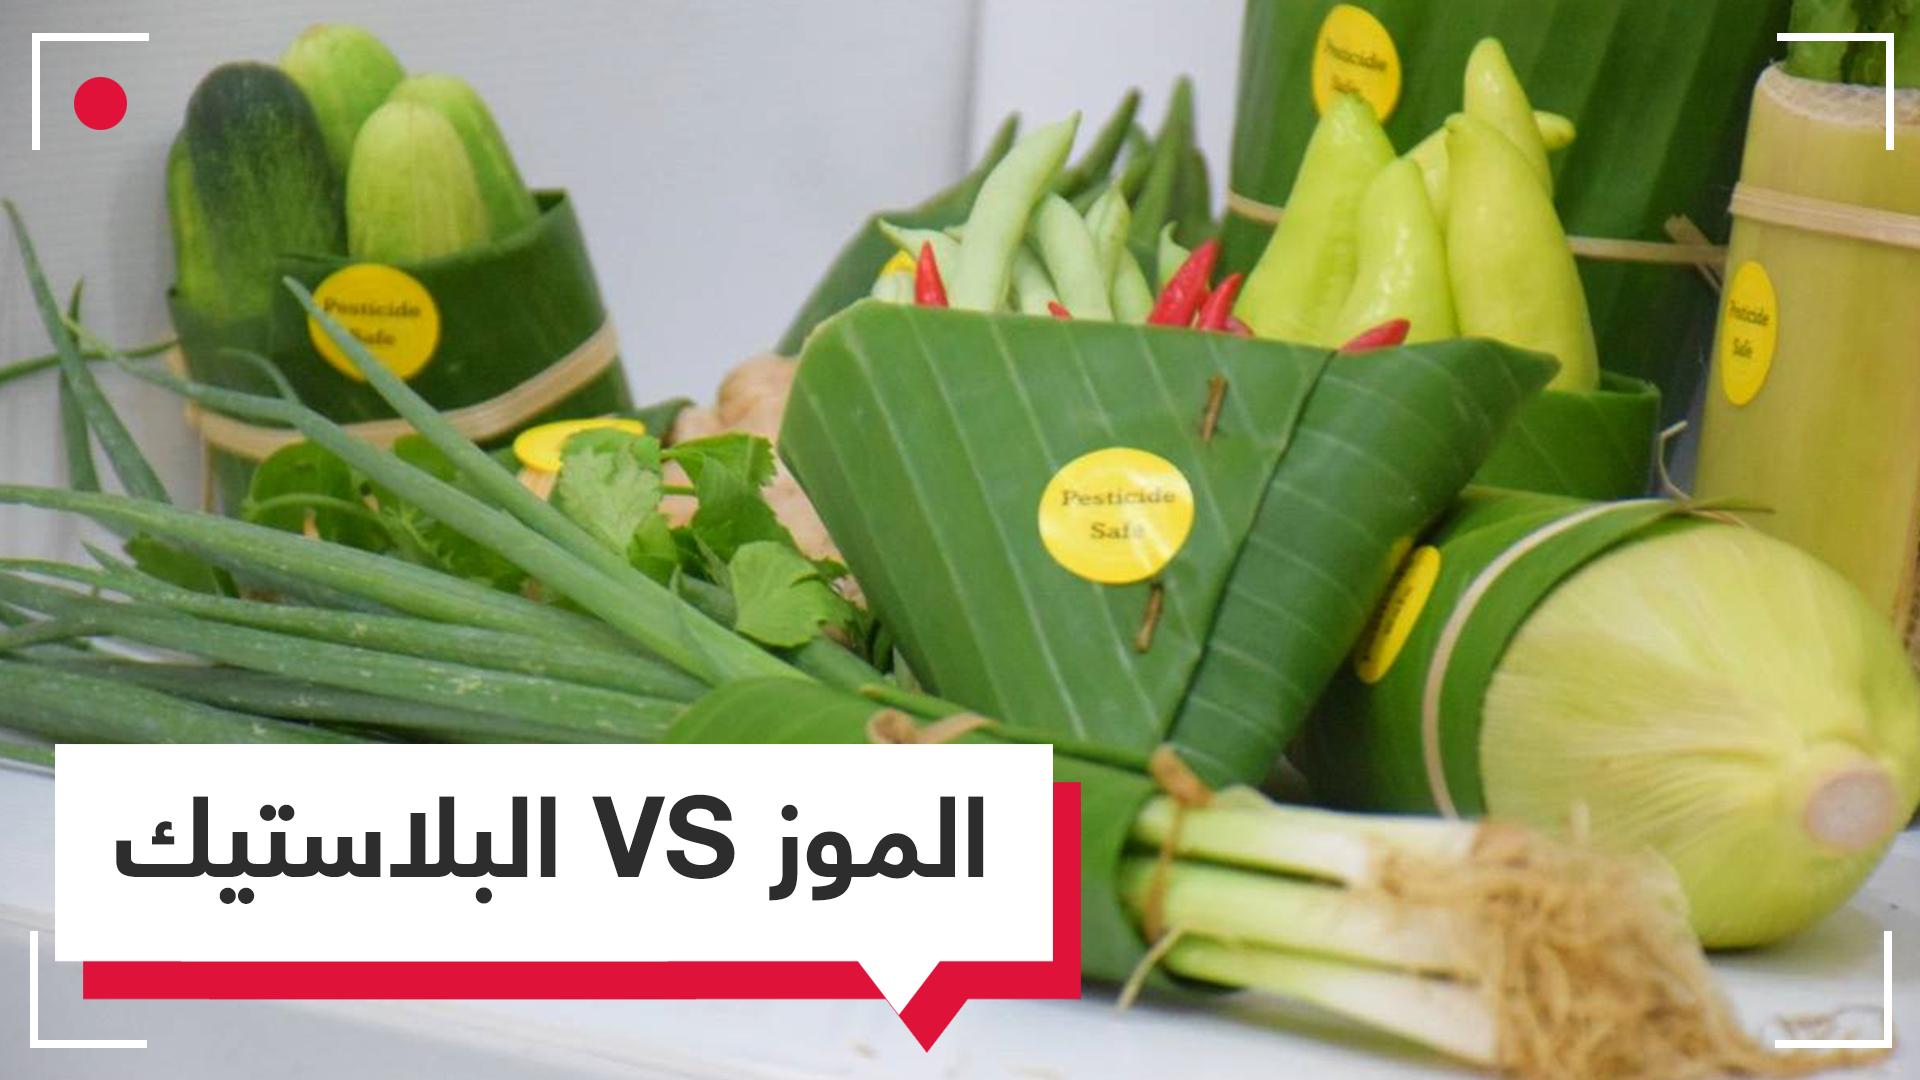 متاجر في آسيا تتجه لأوراق الموز عوضا عن البلاستيك